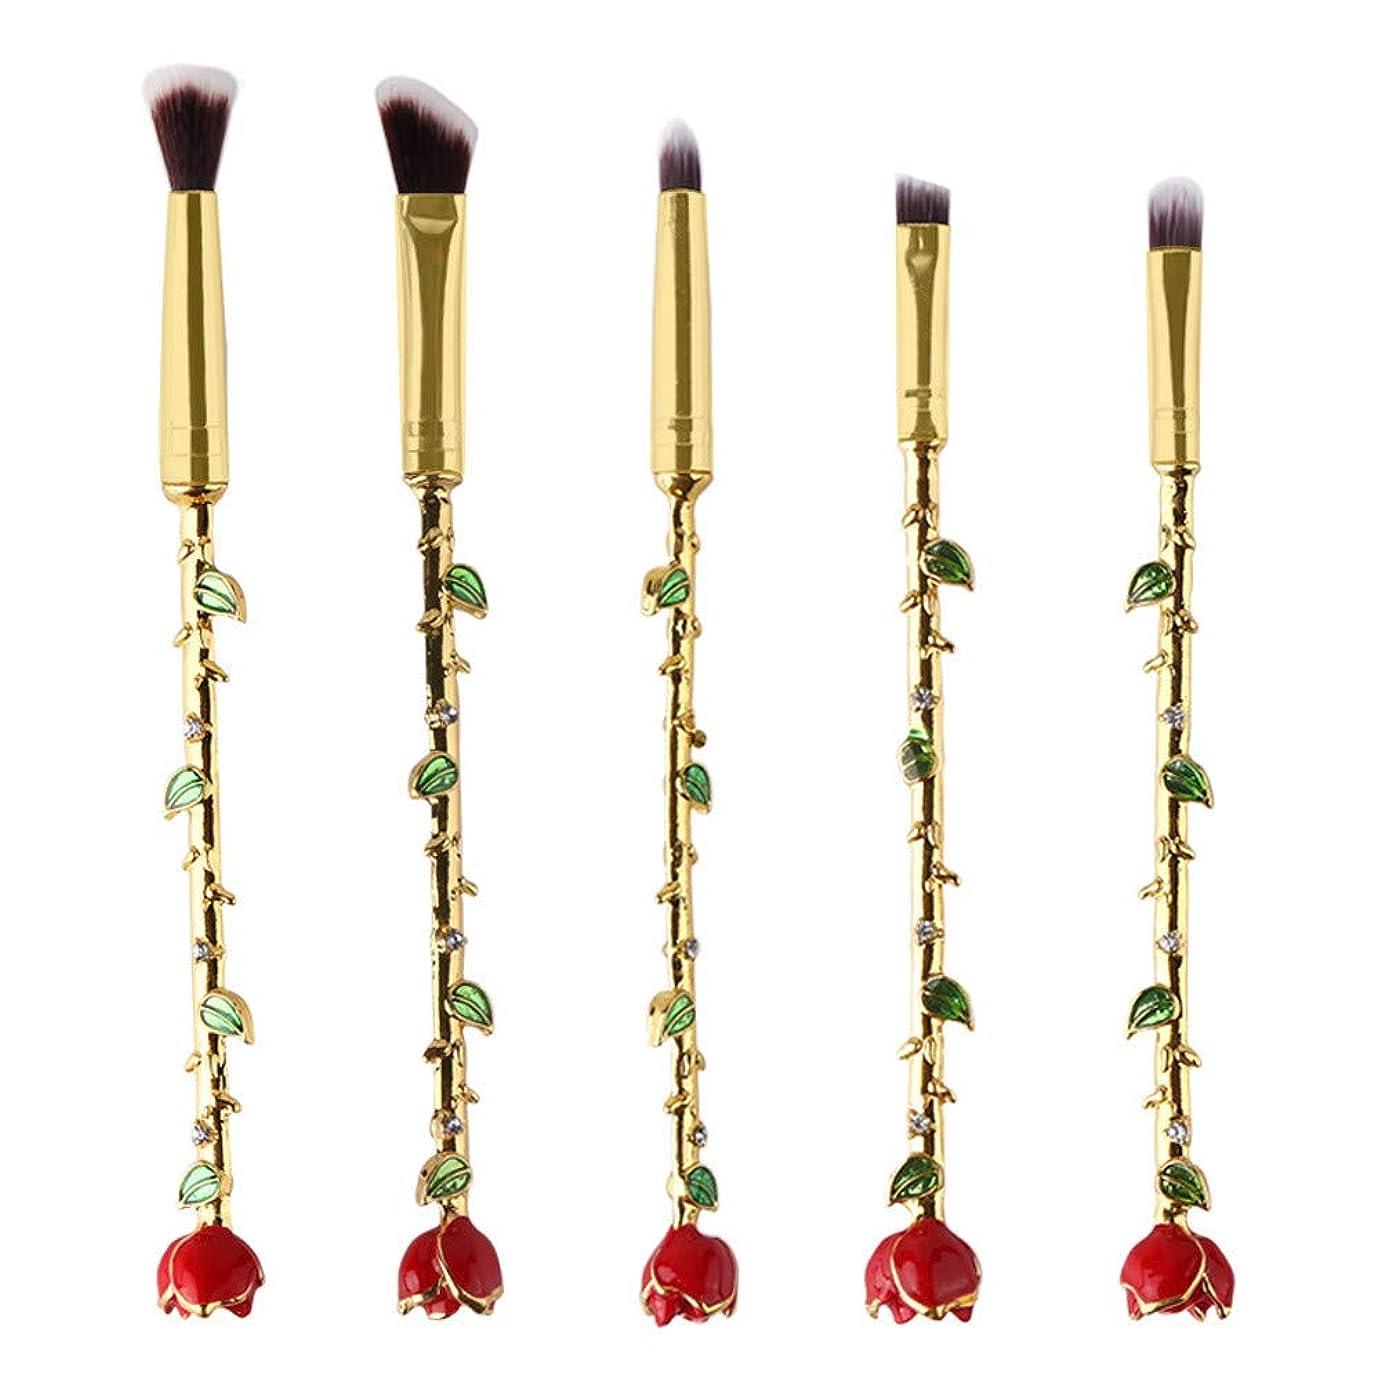 韻枯渇するシフトCimaybeauty 5個 バラ 化粧ブラシ ゴールデンマウスチューブ シリーズ 化粧ブラシセット 高級タクロン 超柔らかい 可愛い 見た目 多機能 便利 パウダー アイシャドー アイ